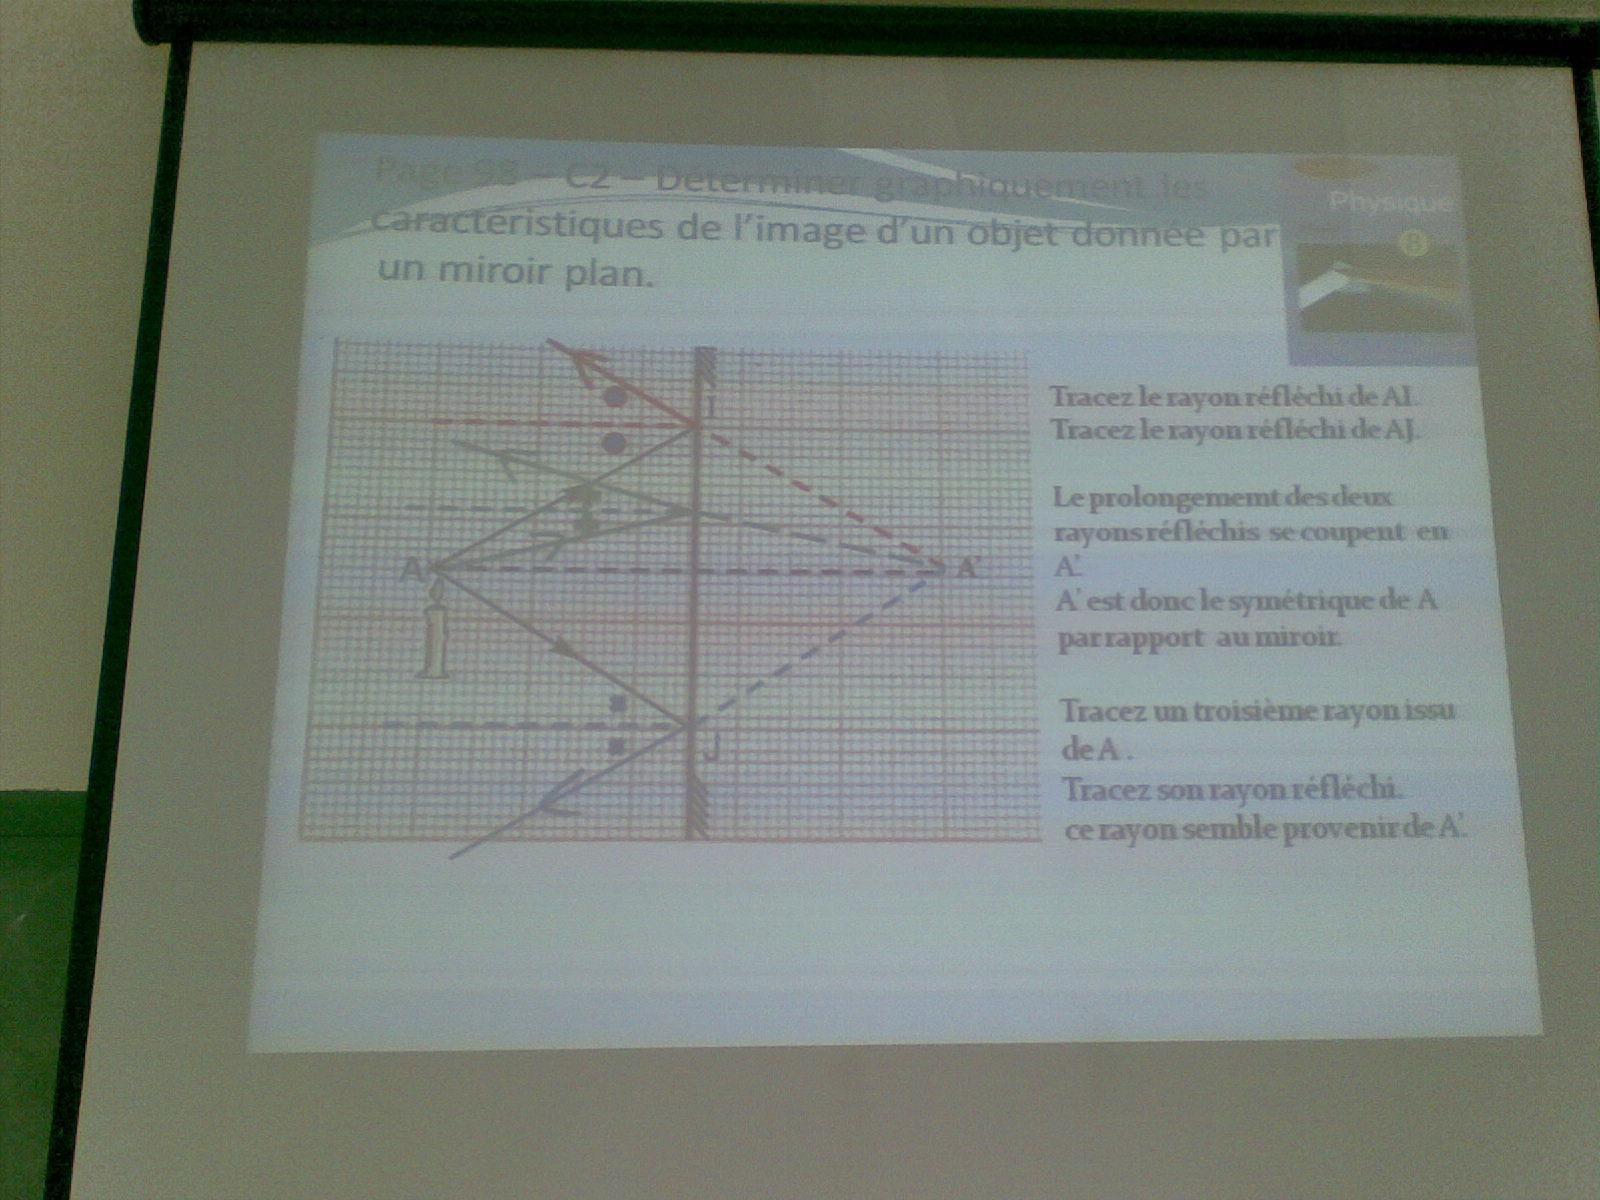 Lecon de physique en integrant les TICE